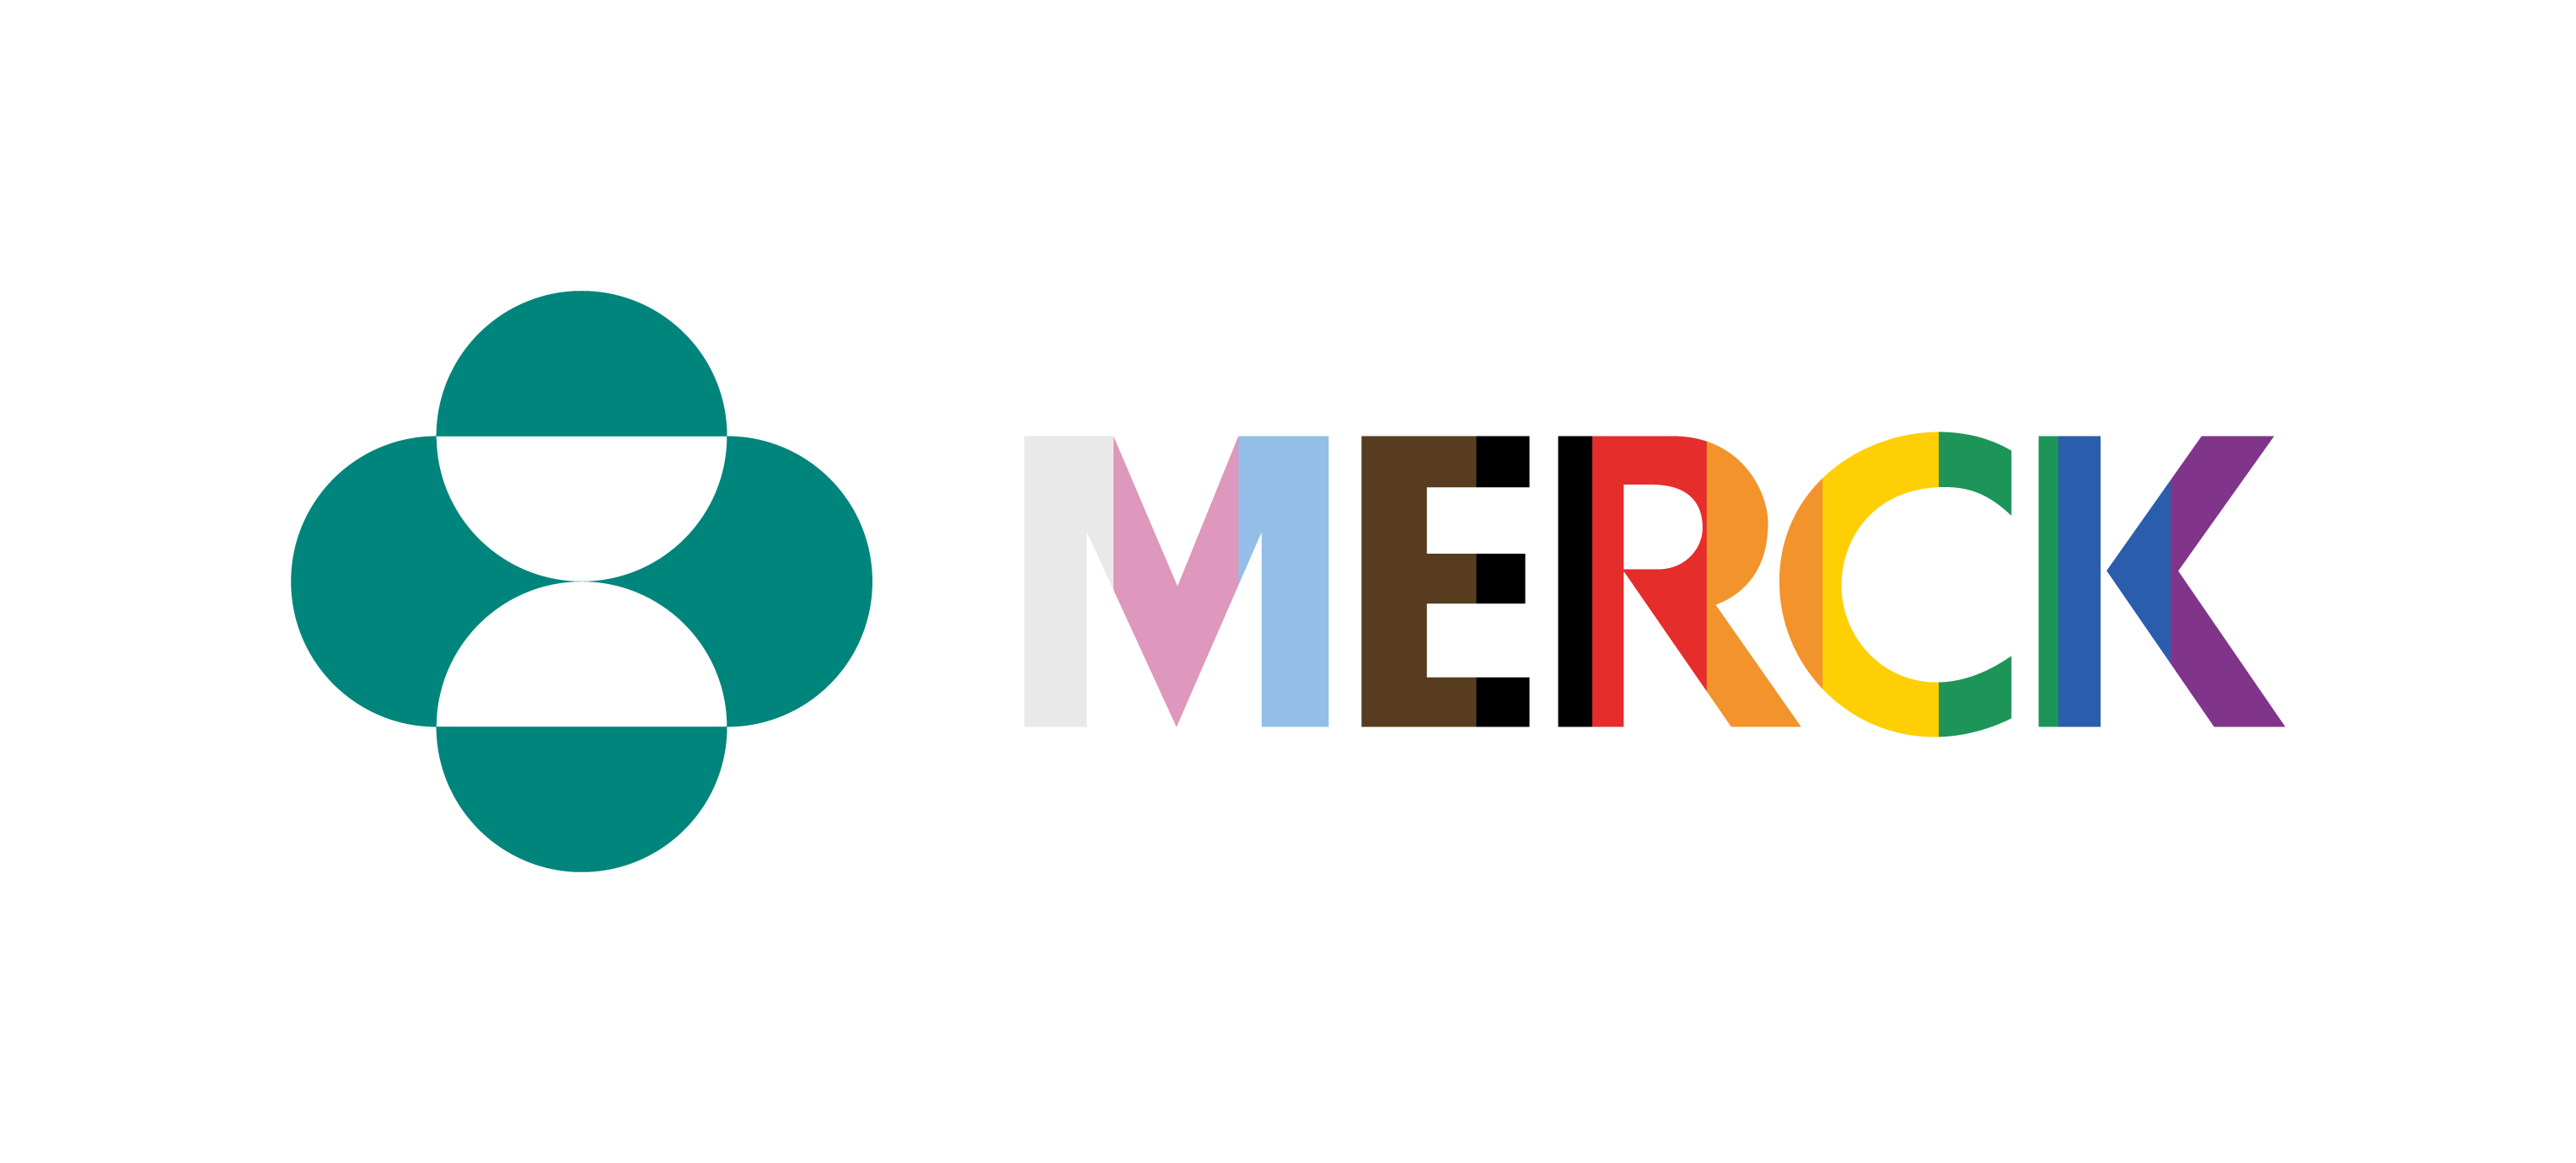 Merck Pride Logo